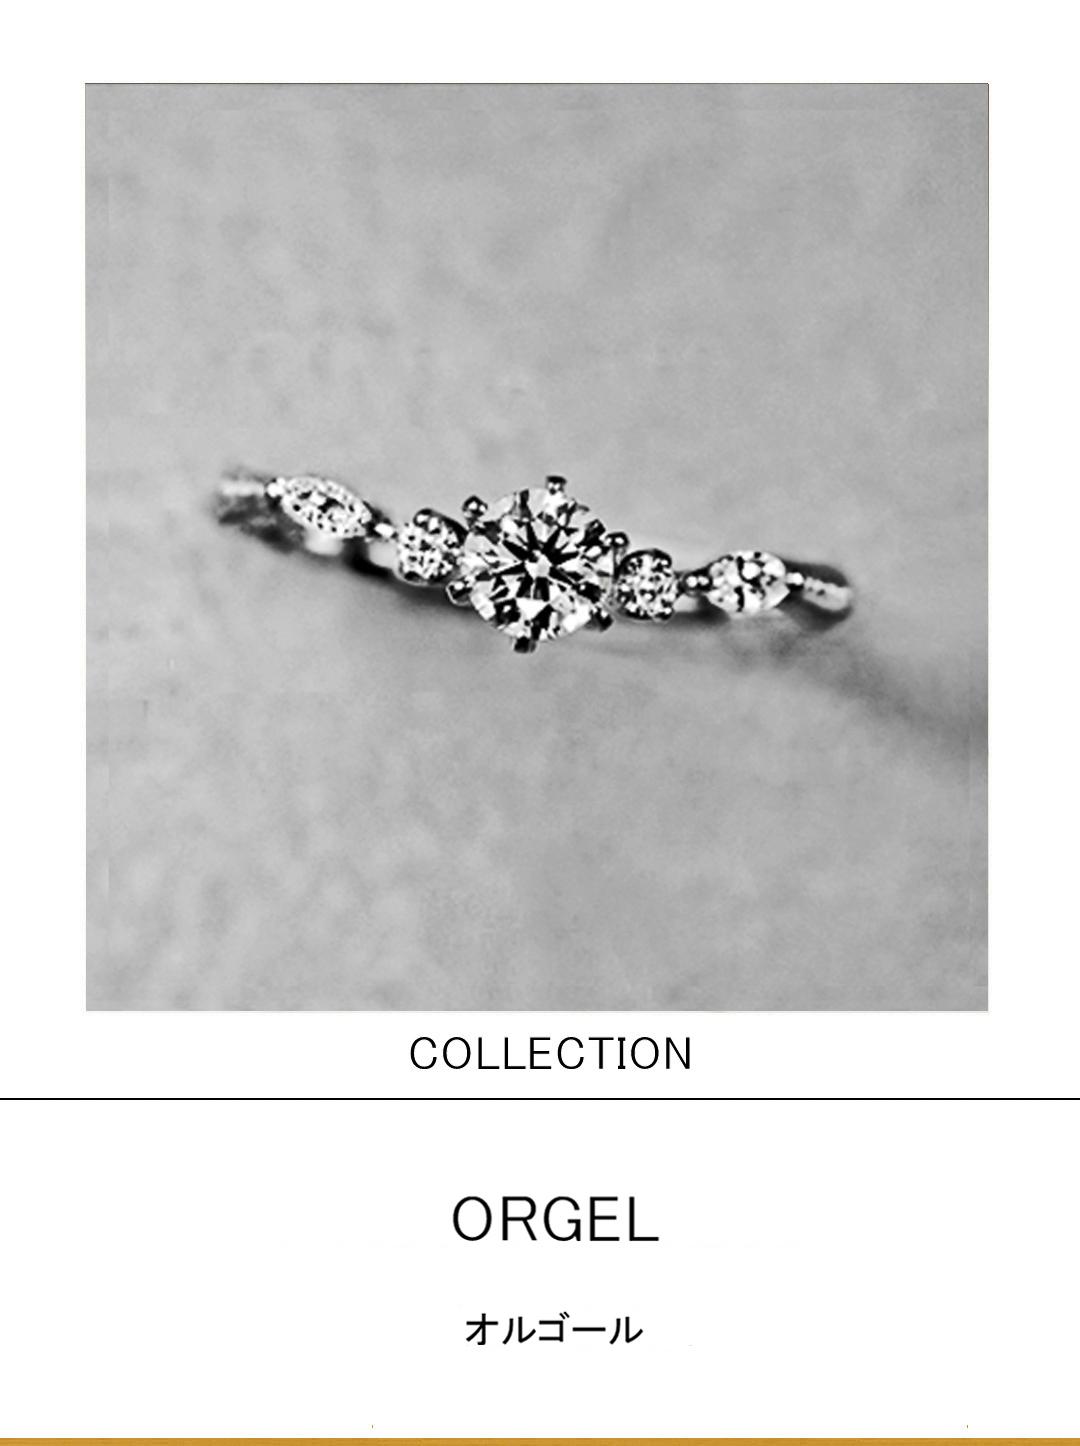 オルゴールからイメージデザインされた婚約指輪プラチナコレクションのサムネイル